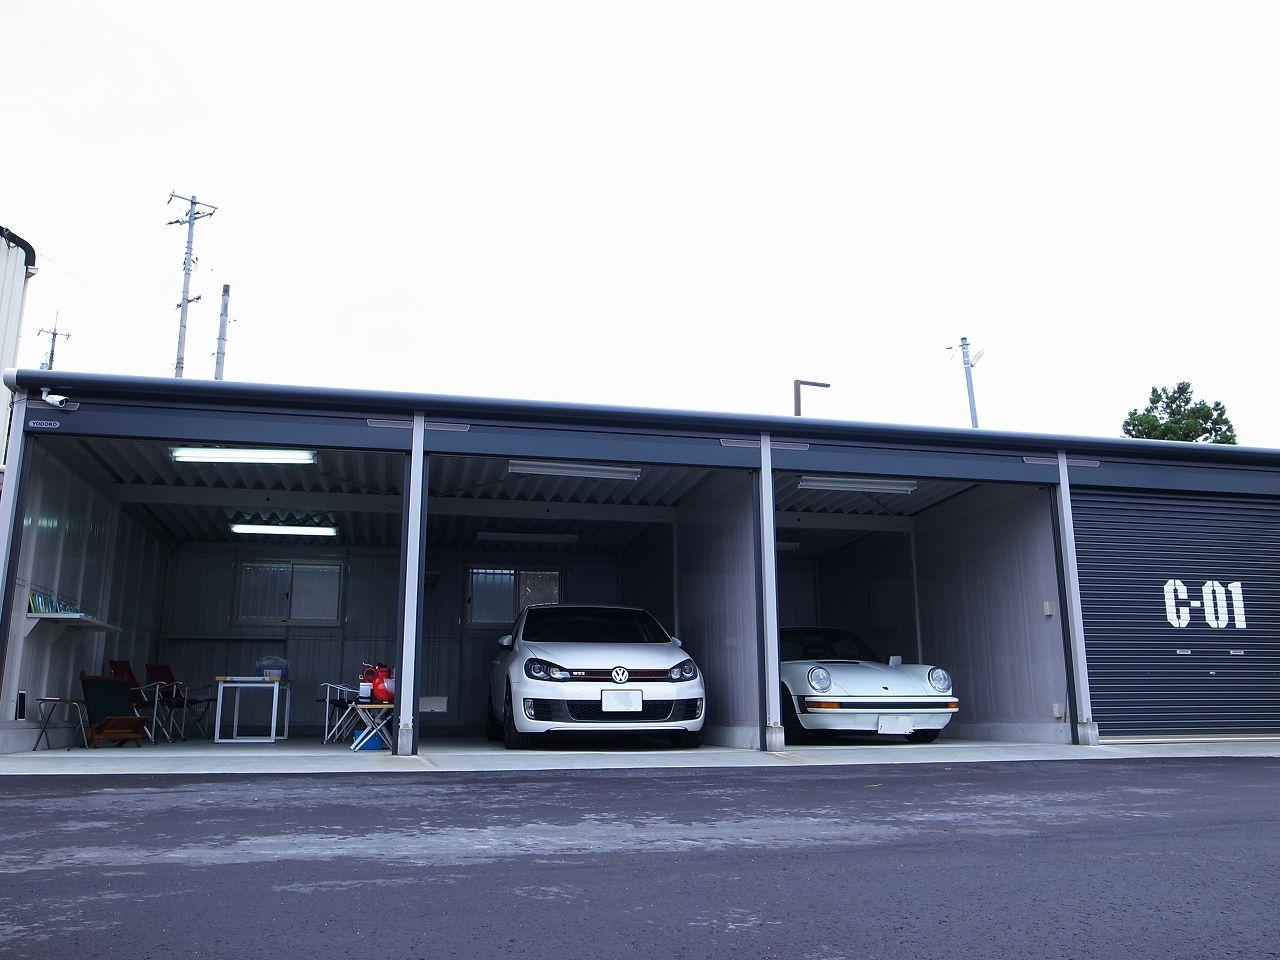 カ―ガレージ外観